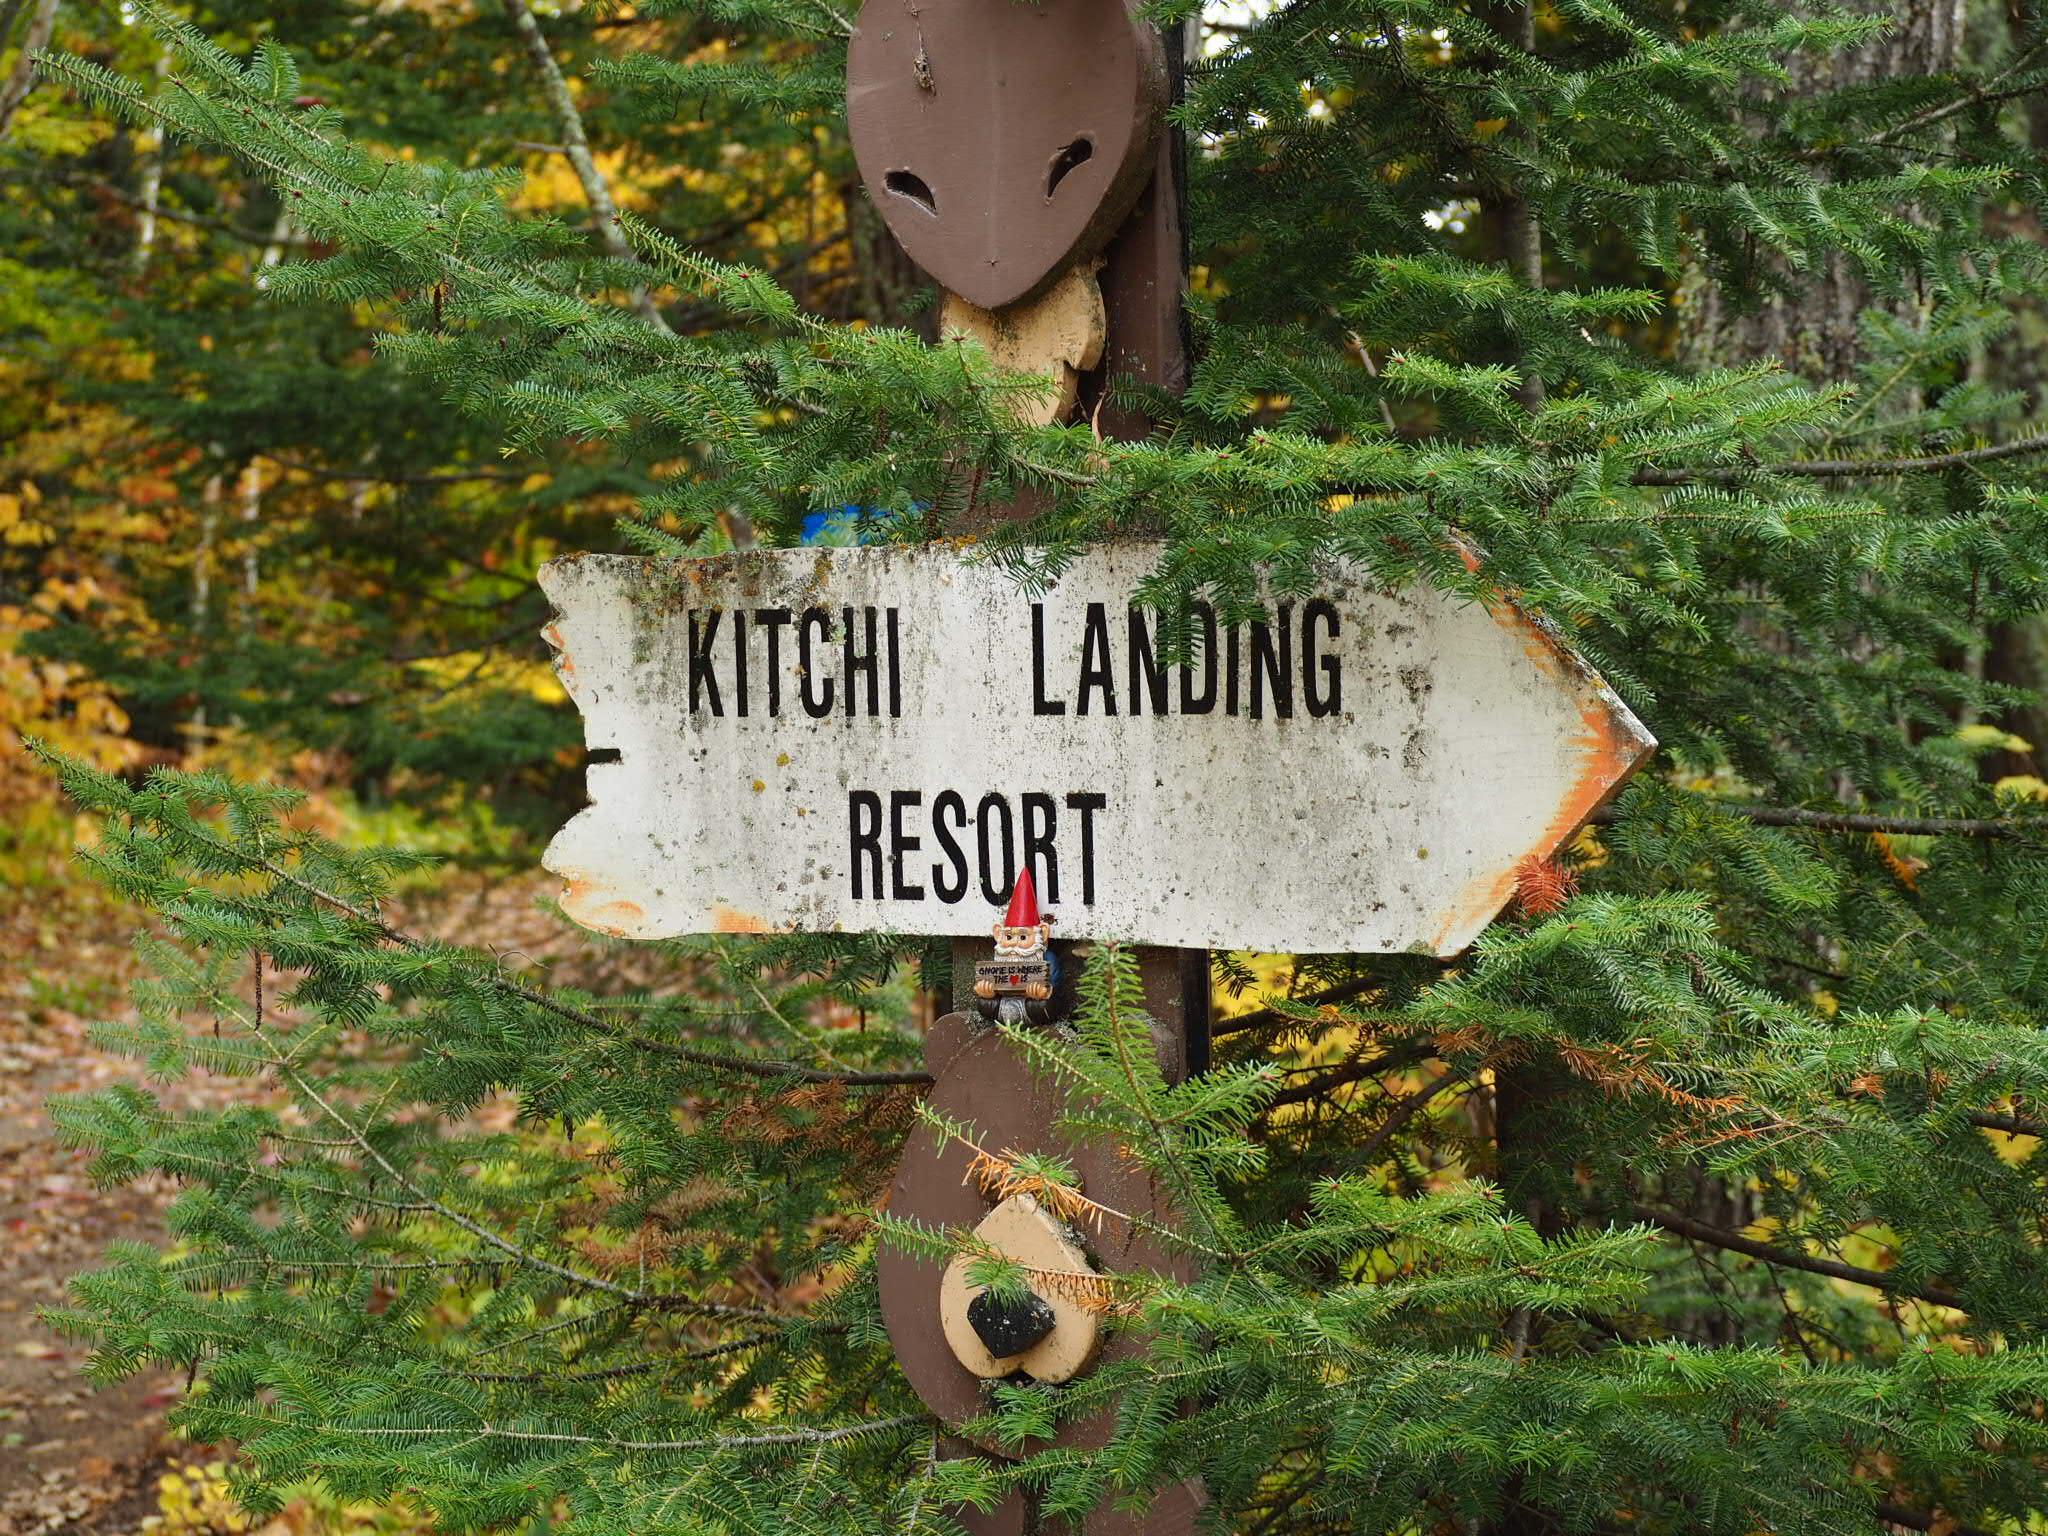 Kitchi Landing Resort Sign